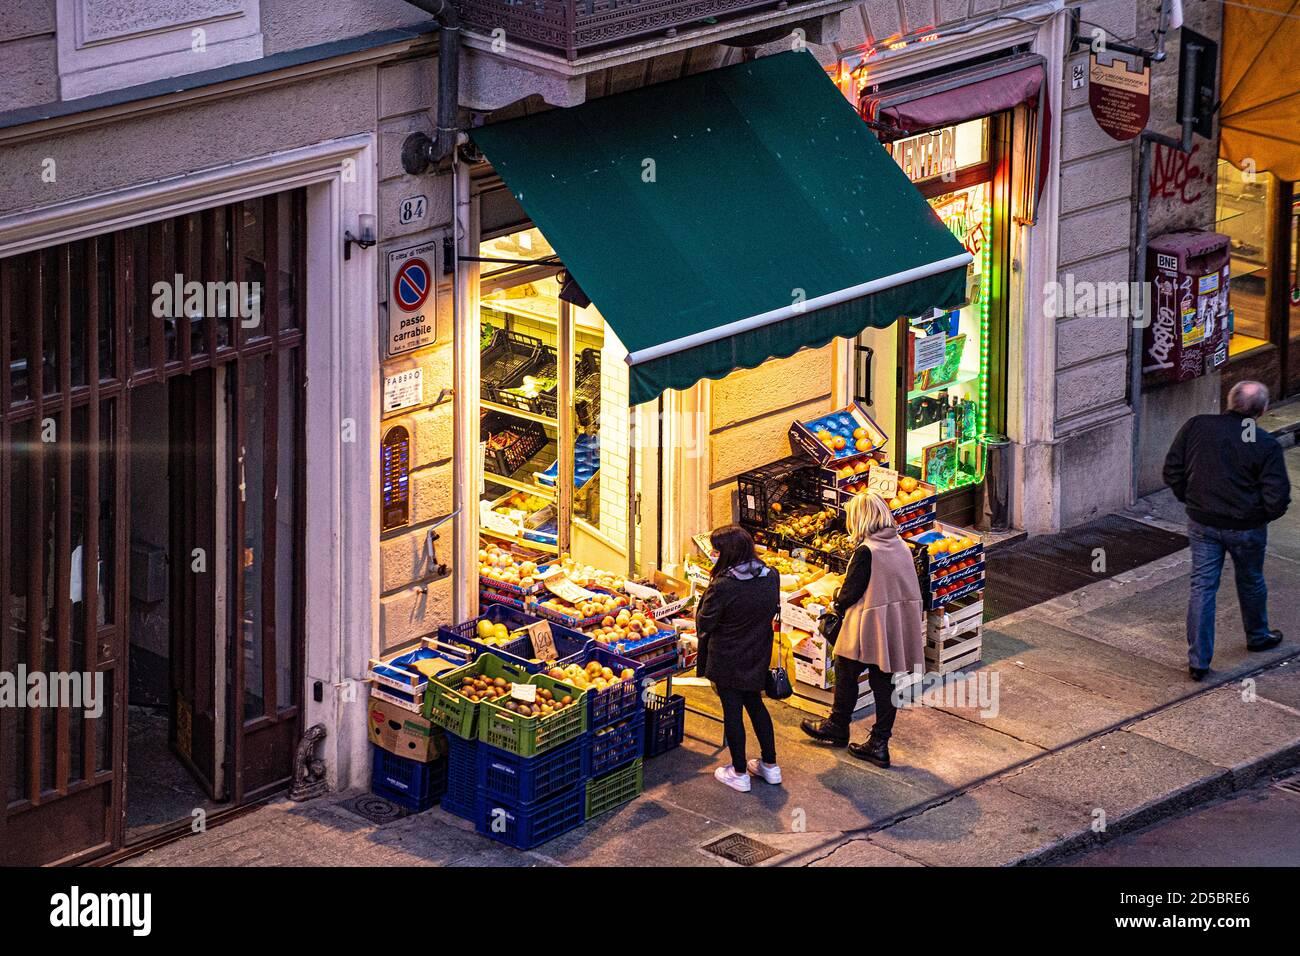 Italia Piamonte Turín Via Nizza - Tienda de frutas y verduras Foto de stock